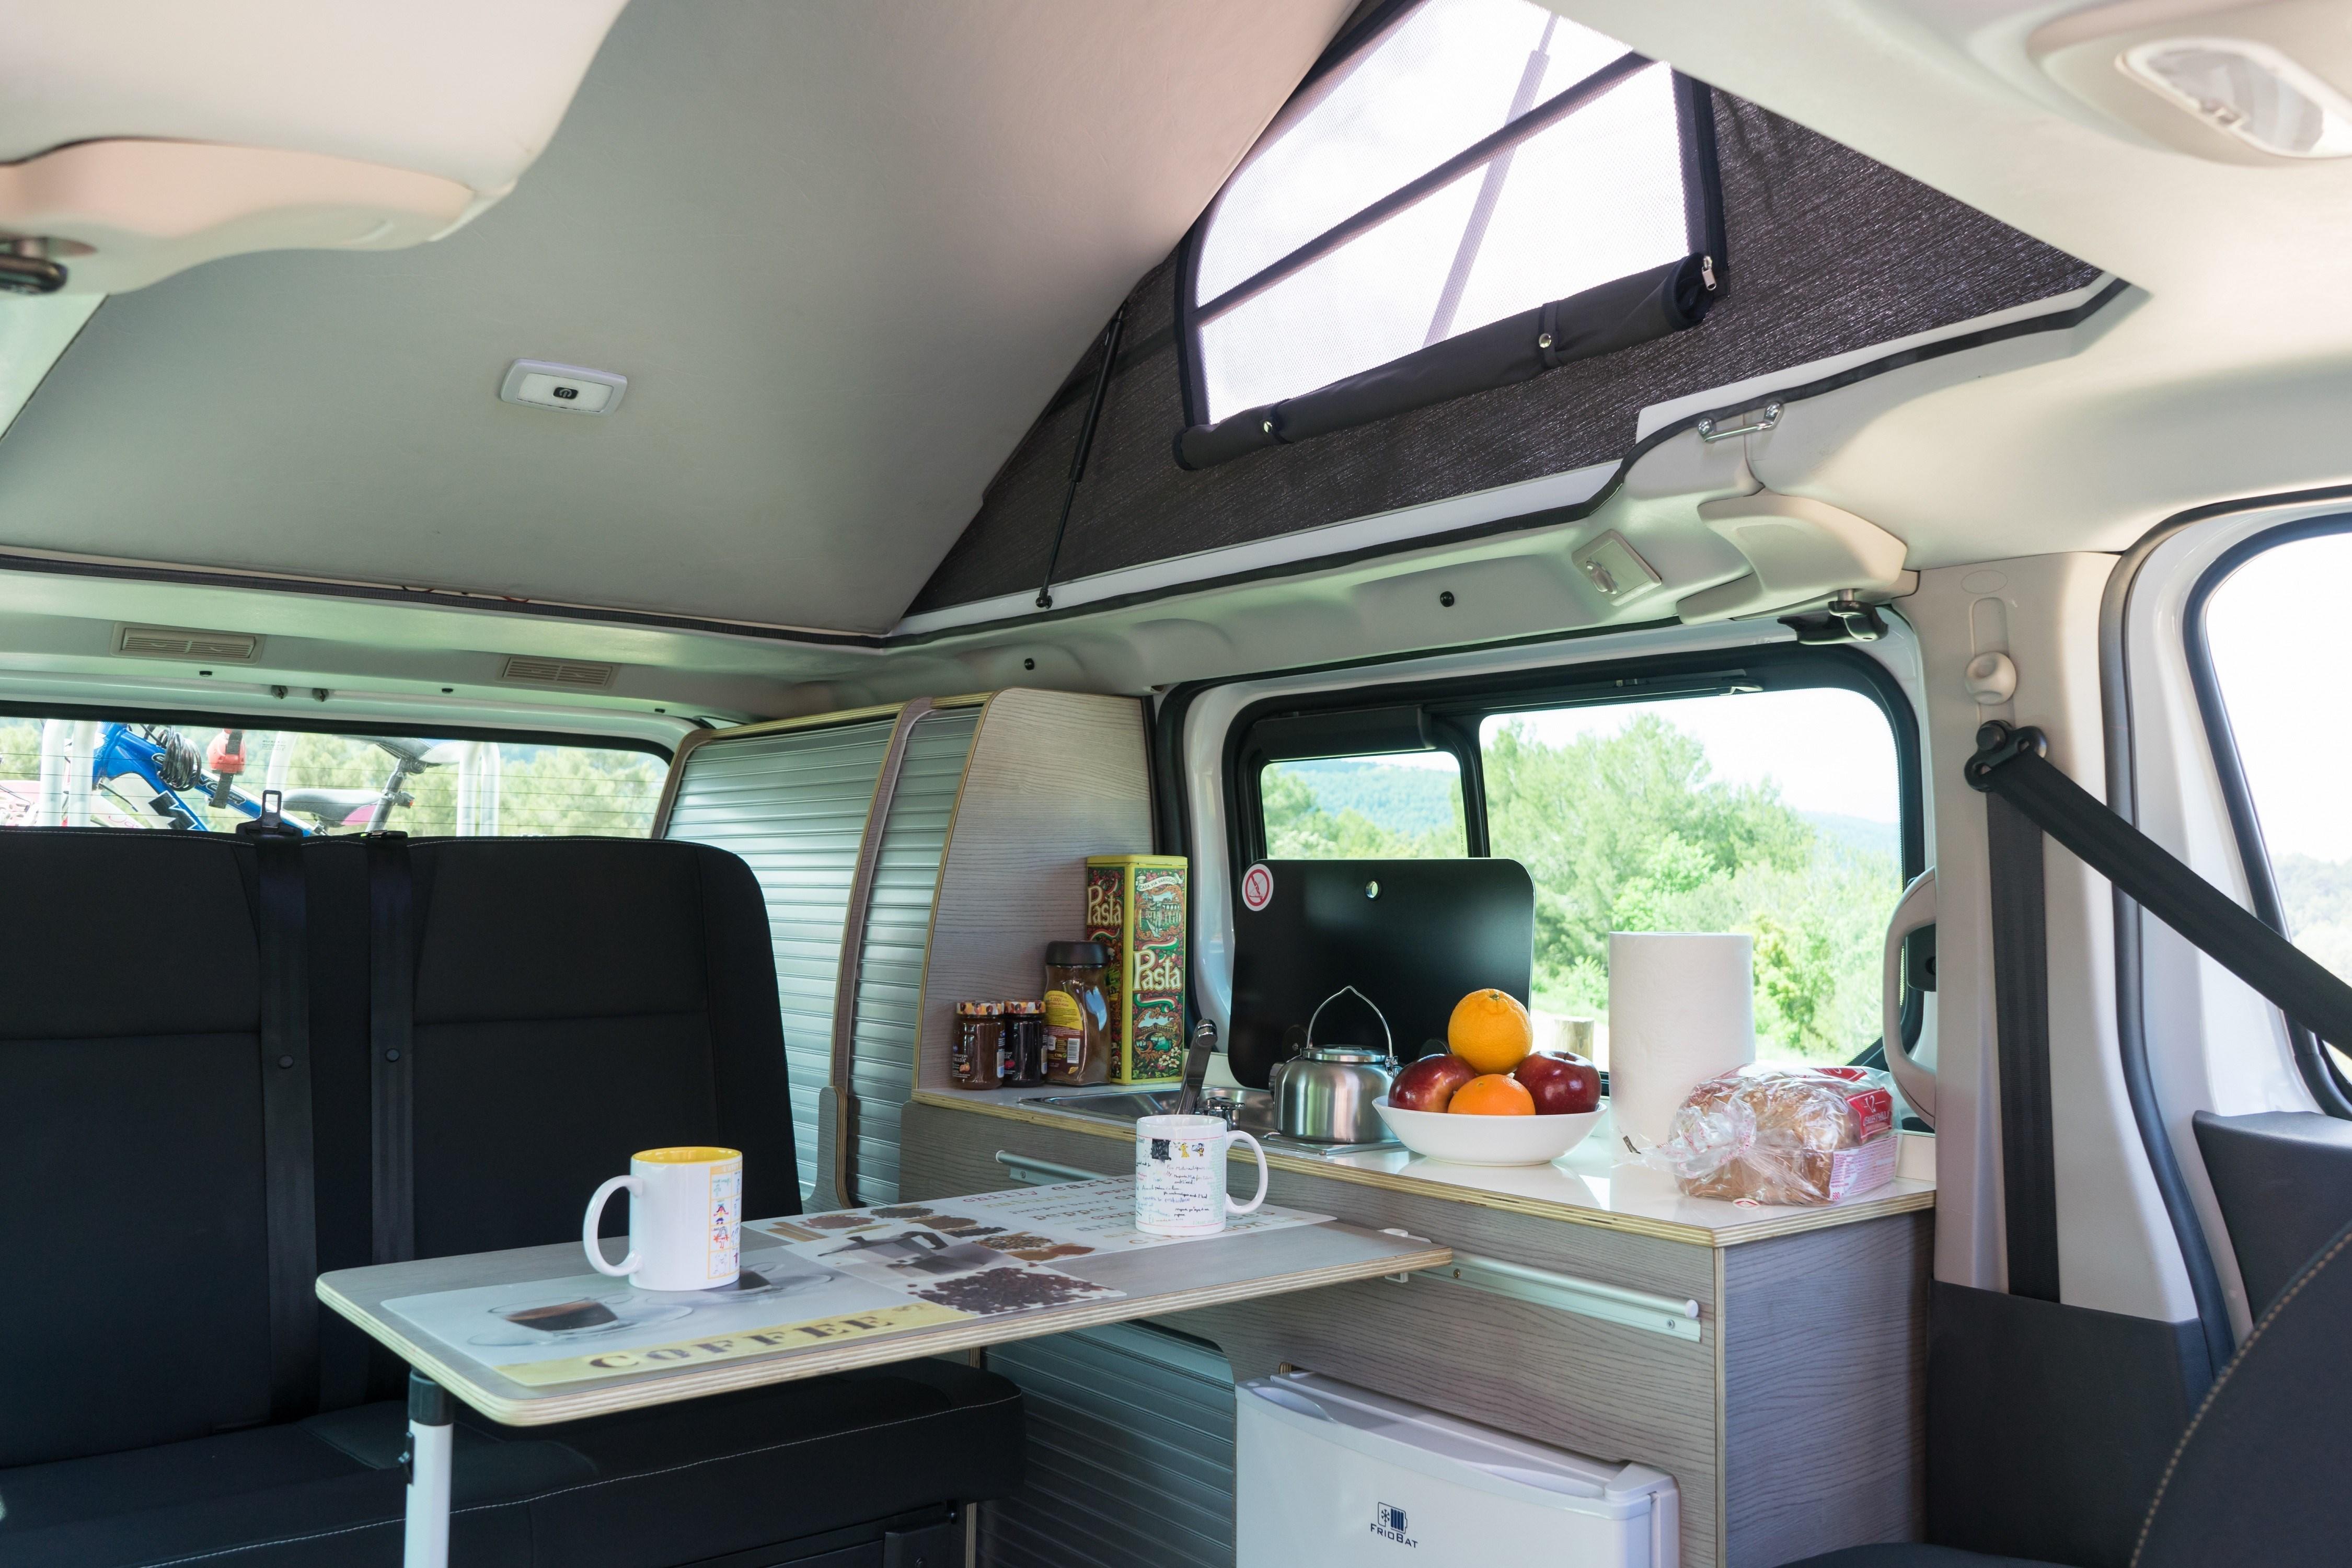 New pop-top camper van is fully electric